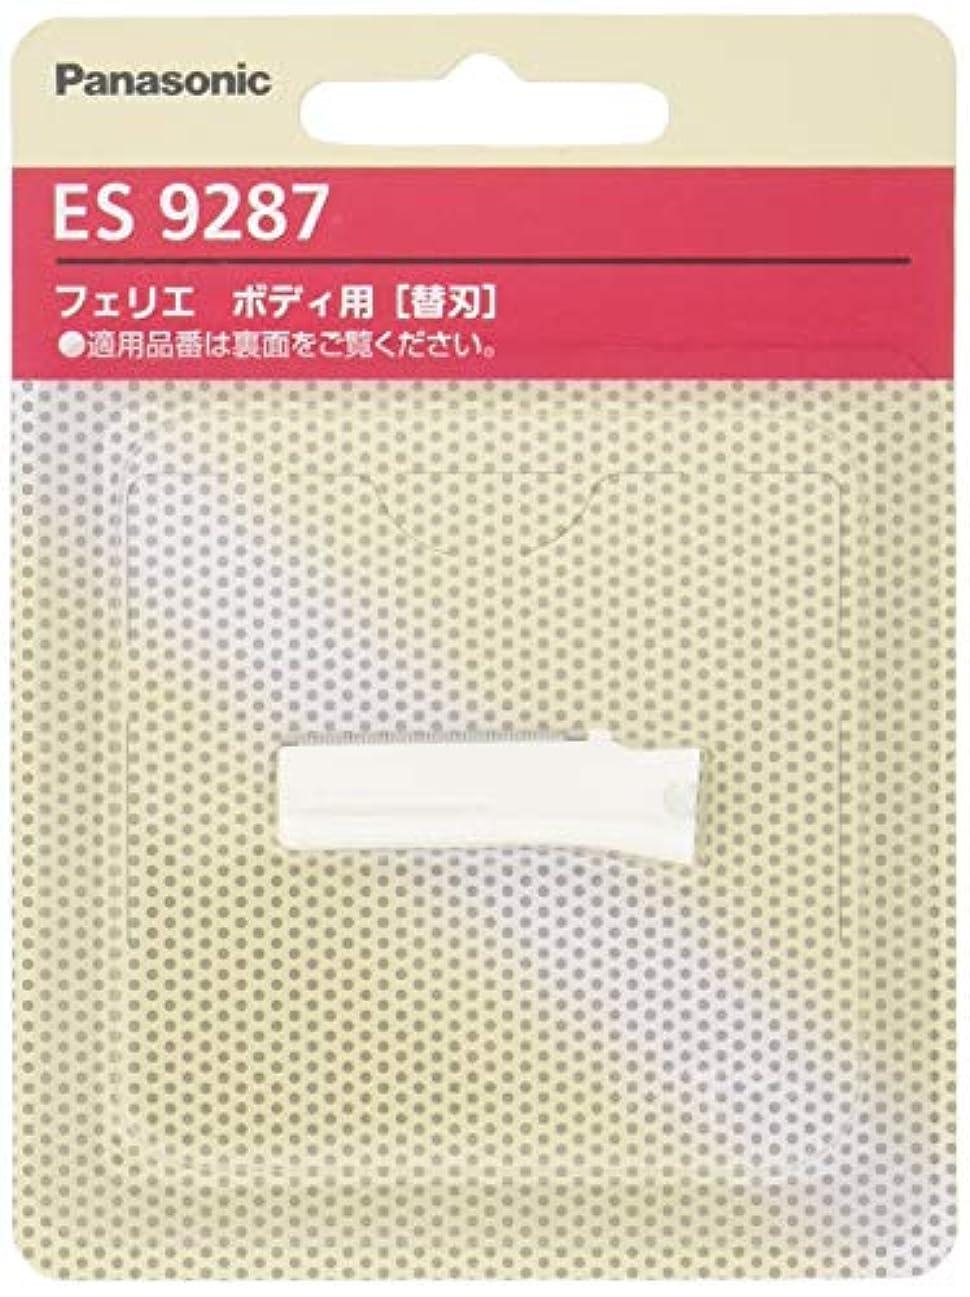 シビック誠実ステレオタイプパナソニック 替刃 フェリエ ボディ用 ES9287